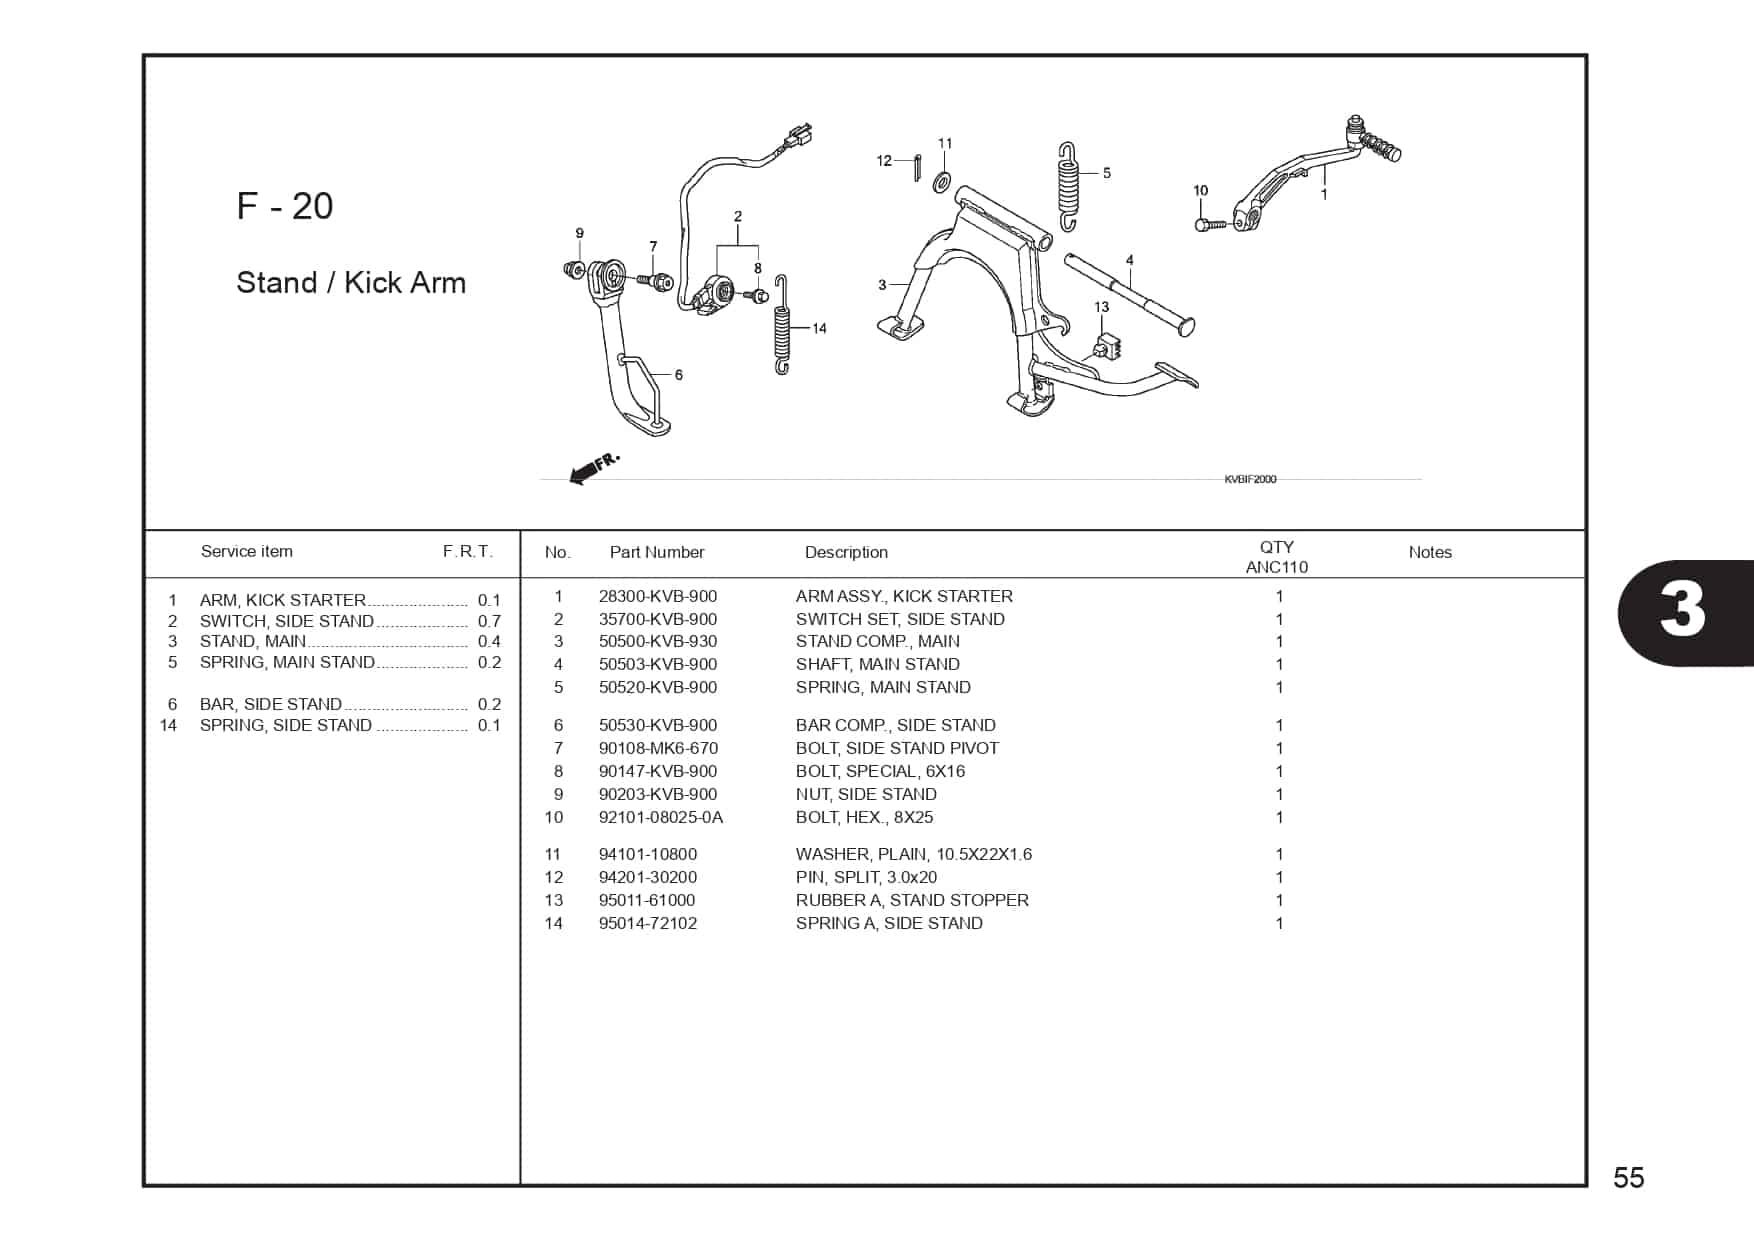 F-20 Stand/Kick Arm